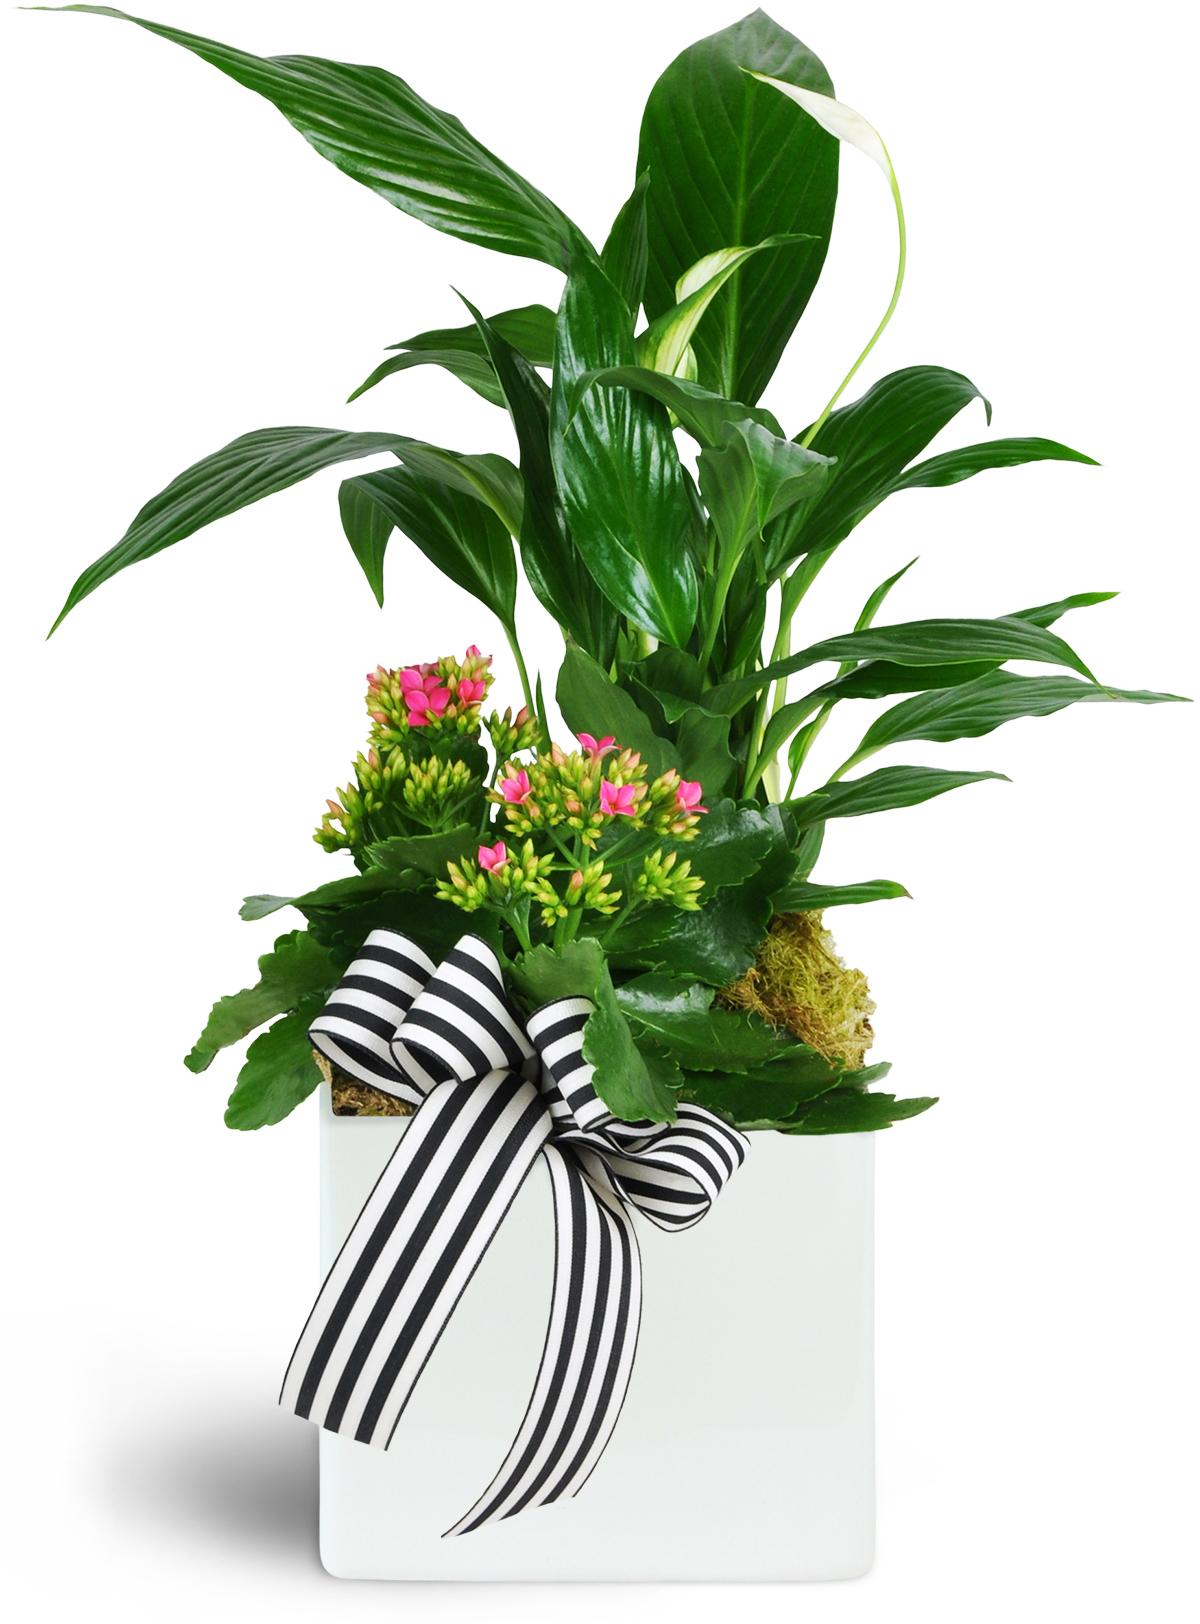 Image Result For Flower Delivery Garden City Ks